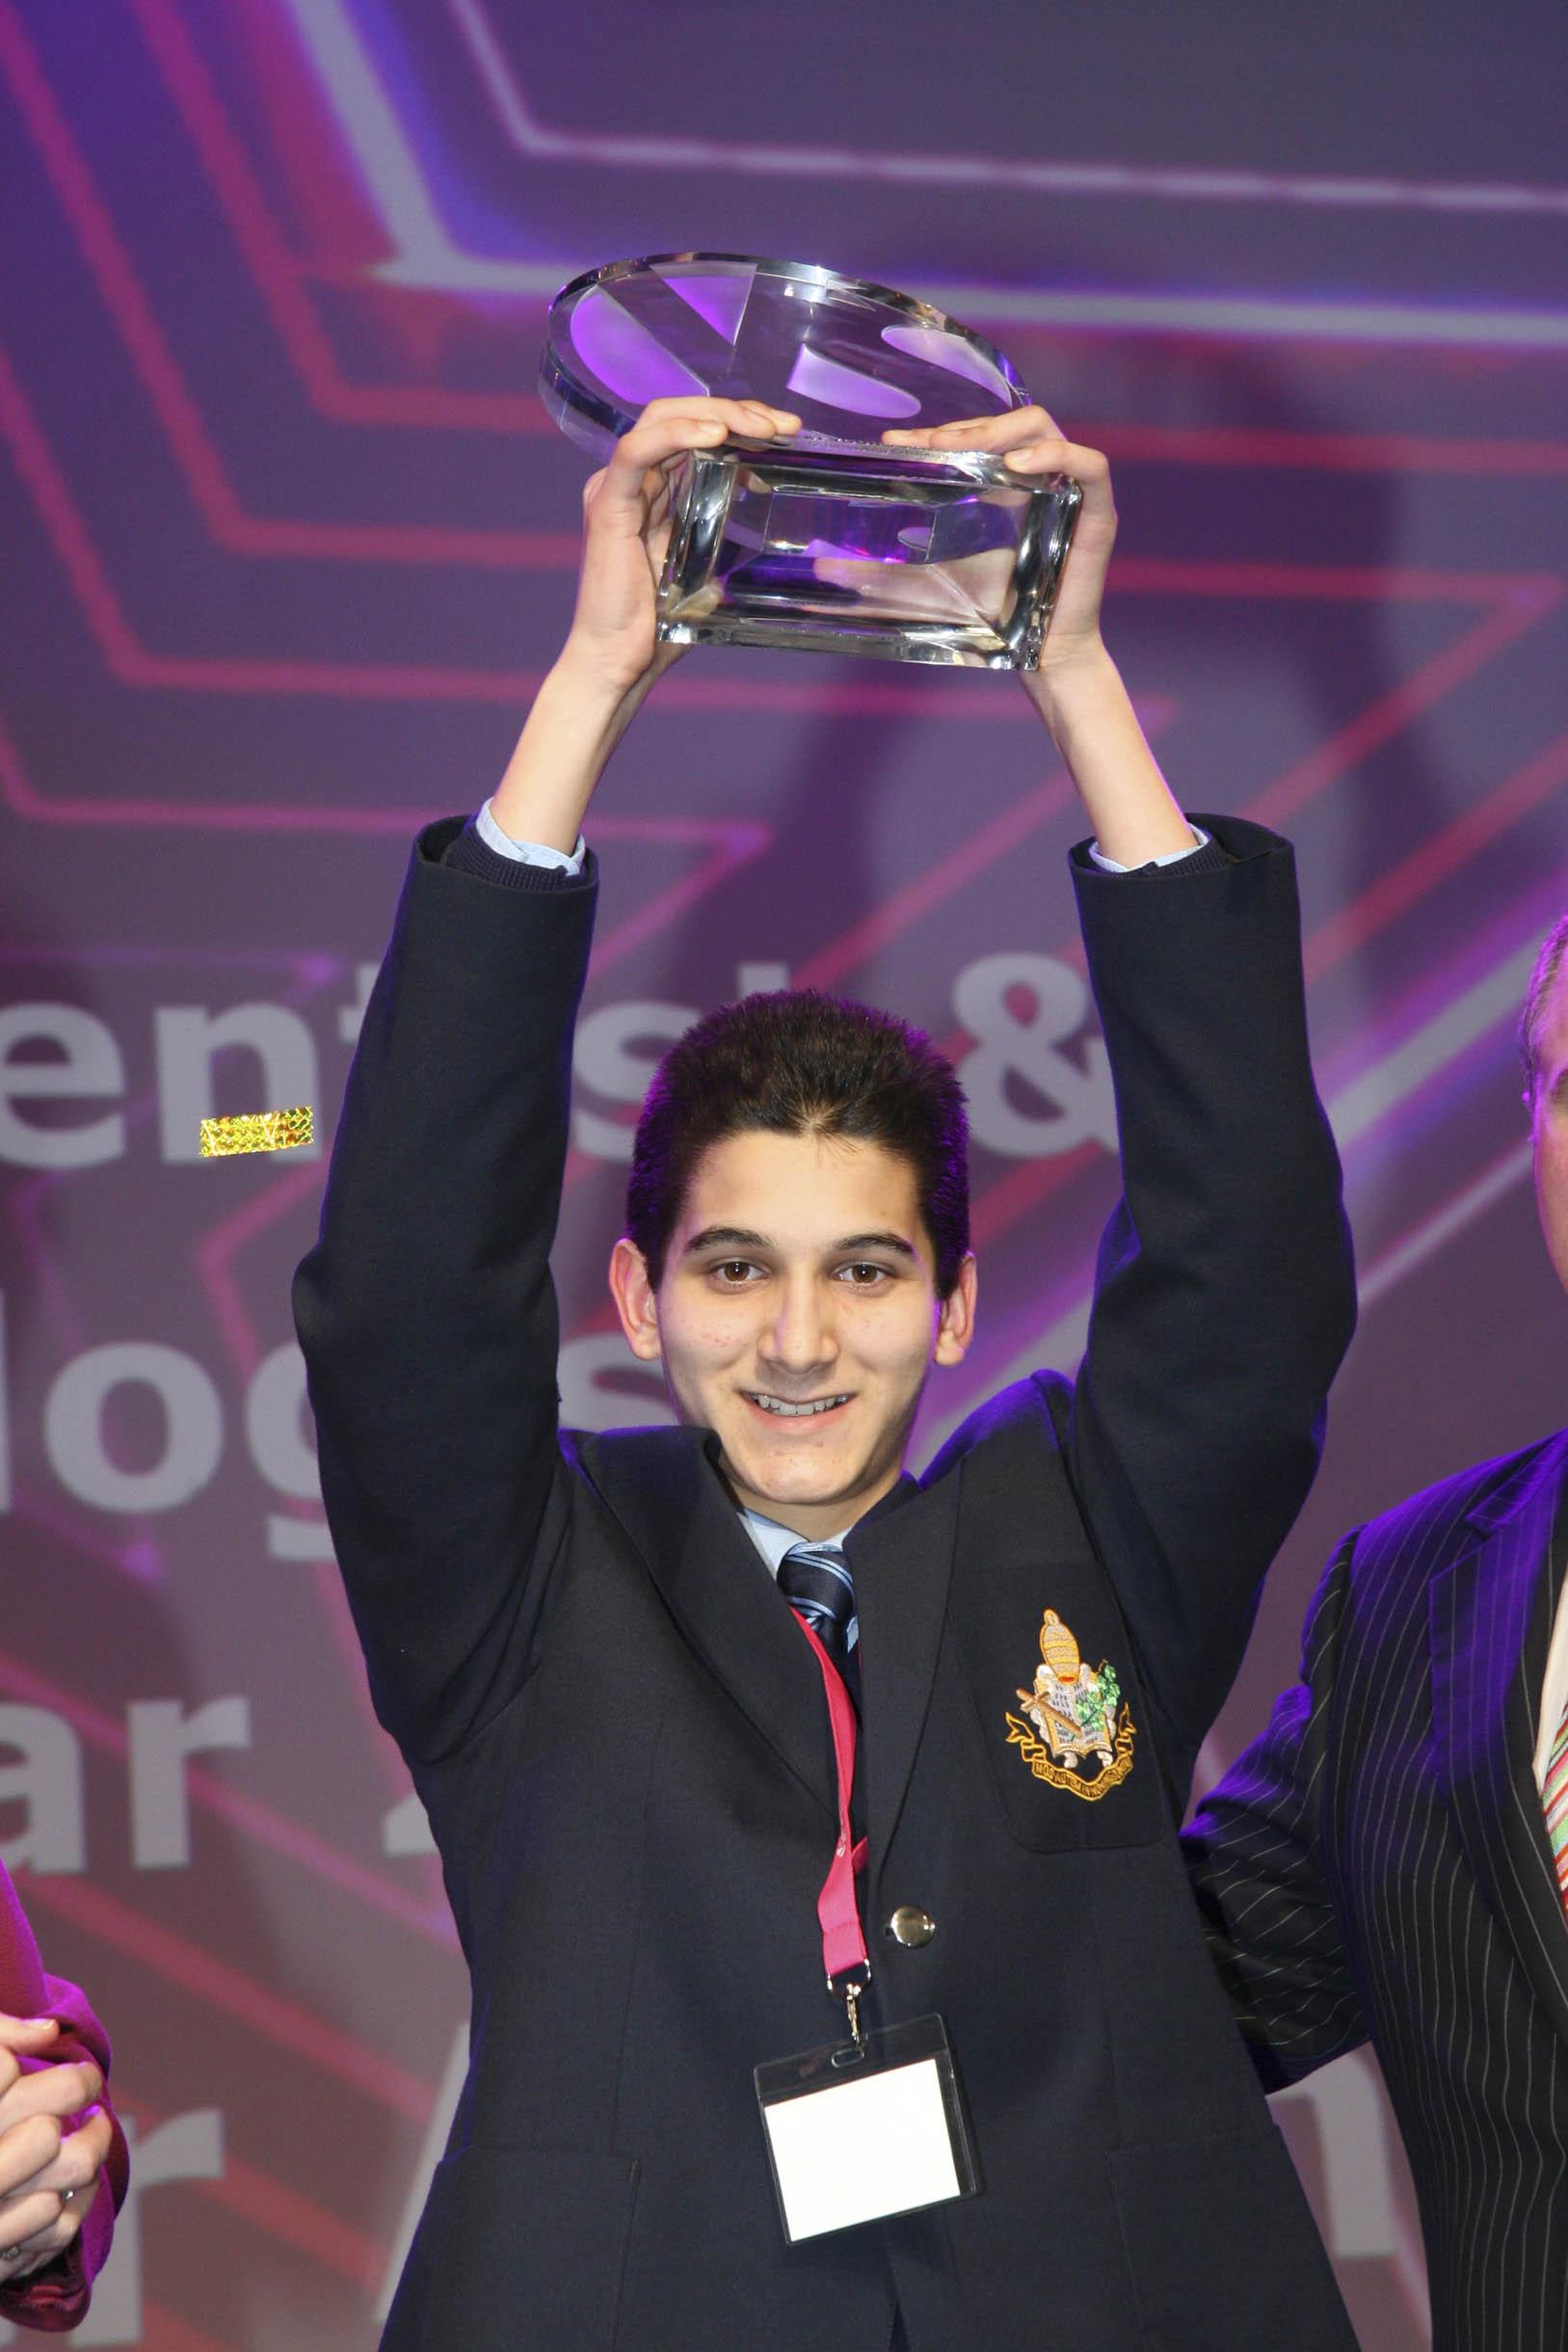 Ο περσινός νικητής της κατηγορίας της υπολογιστικής, Alexander Amini, μελέτησε τις κινήσεις των αθλητών του τέννις